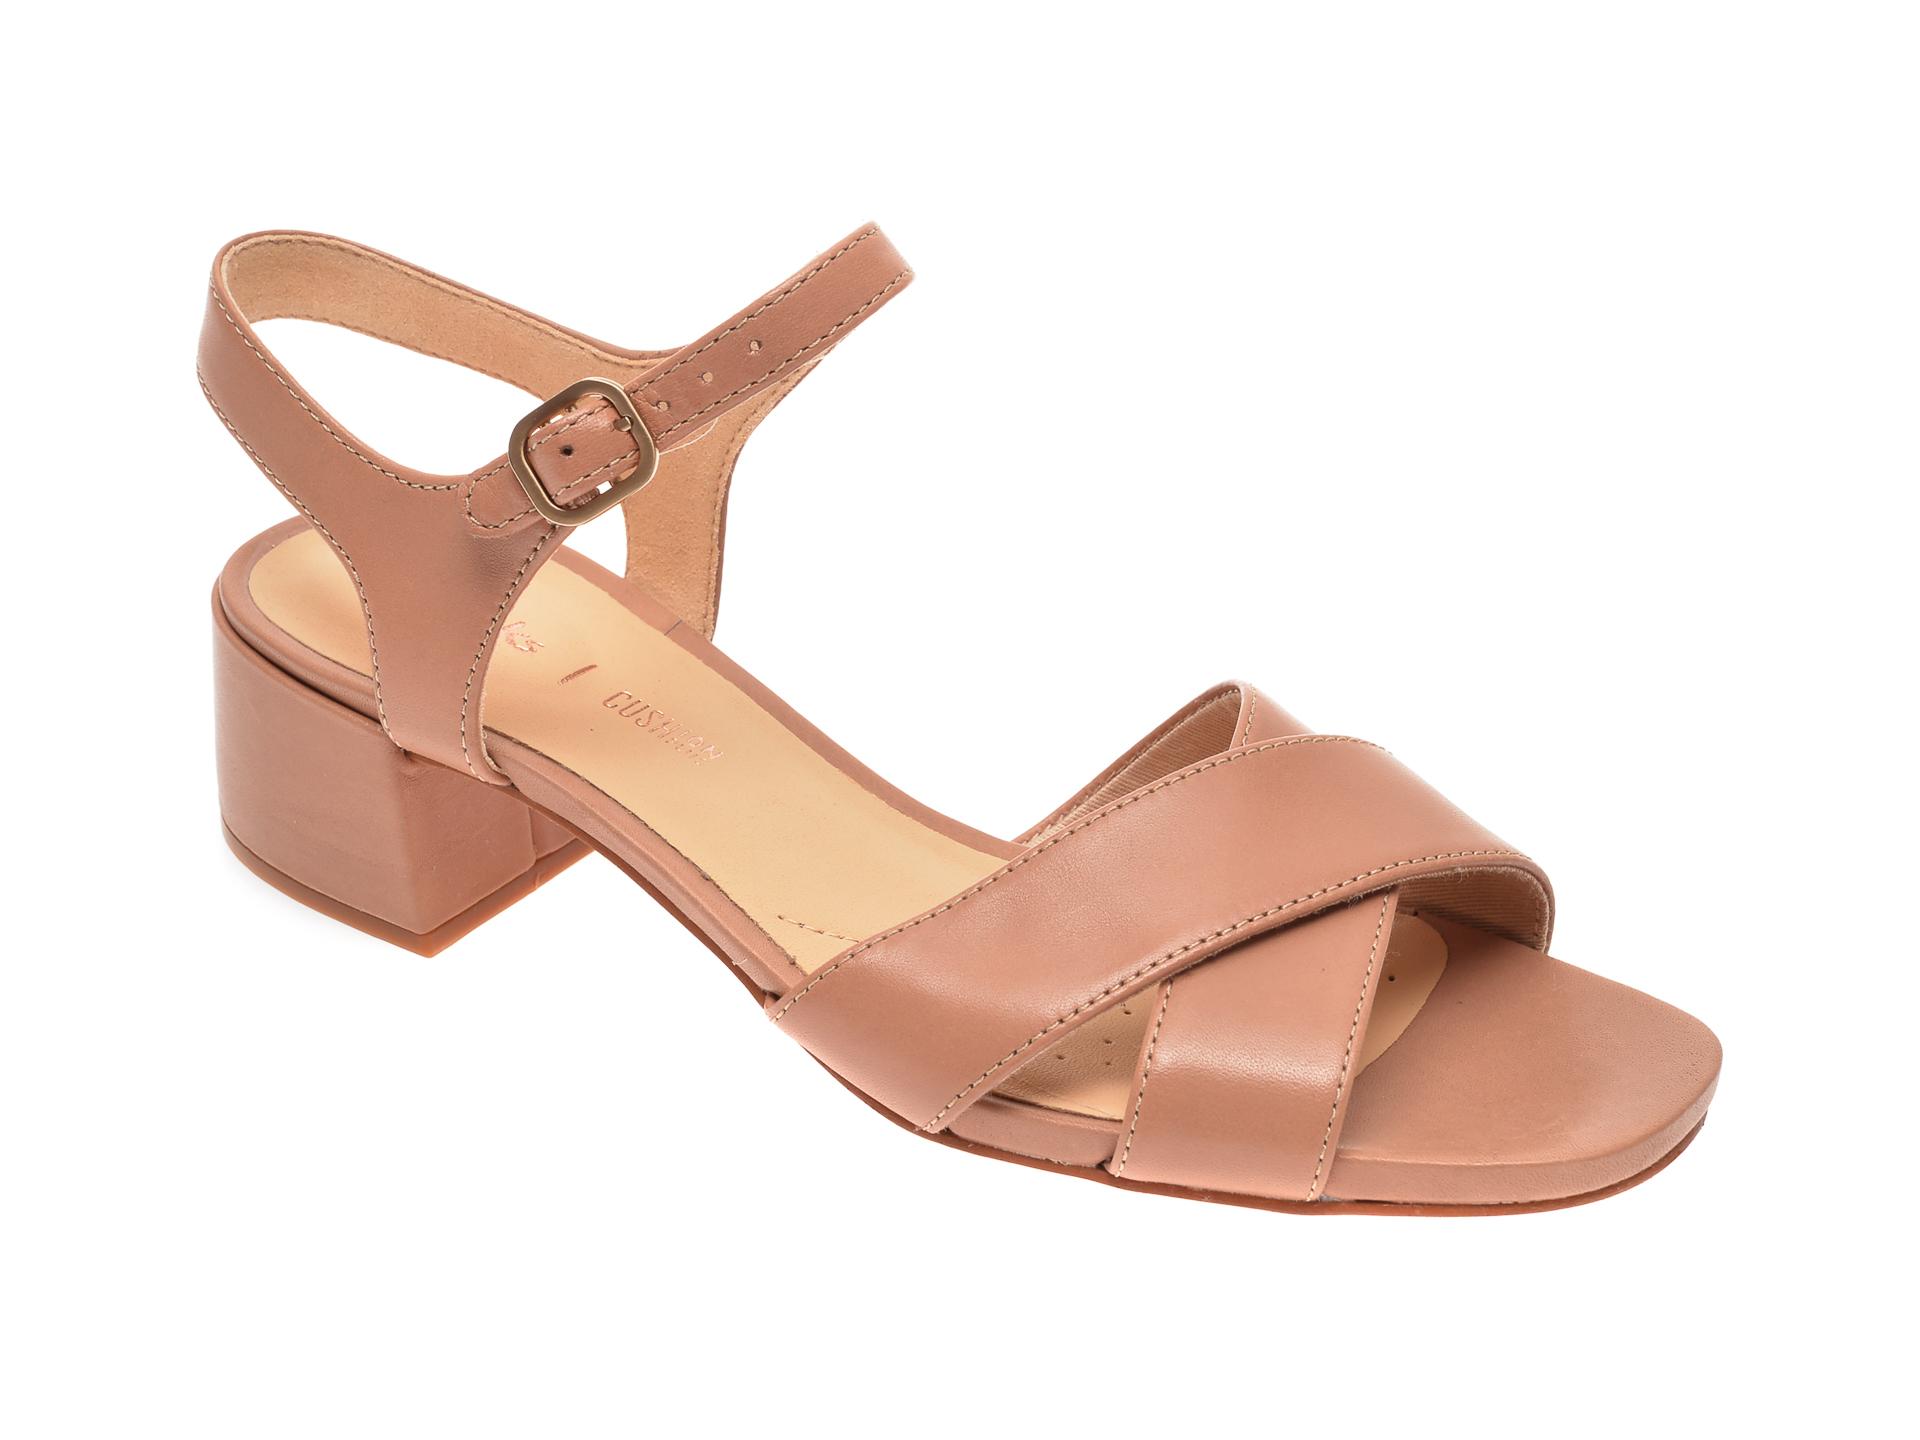 Sandale CLARKS bej, Sheer35 Strap, din piele naturala